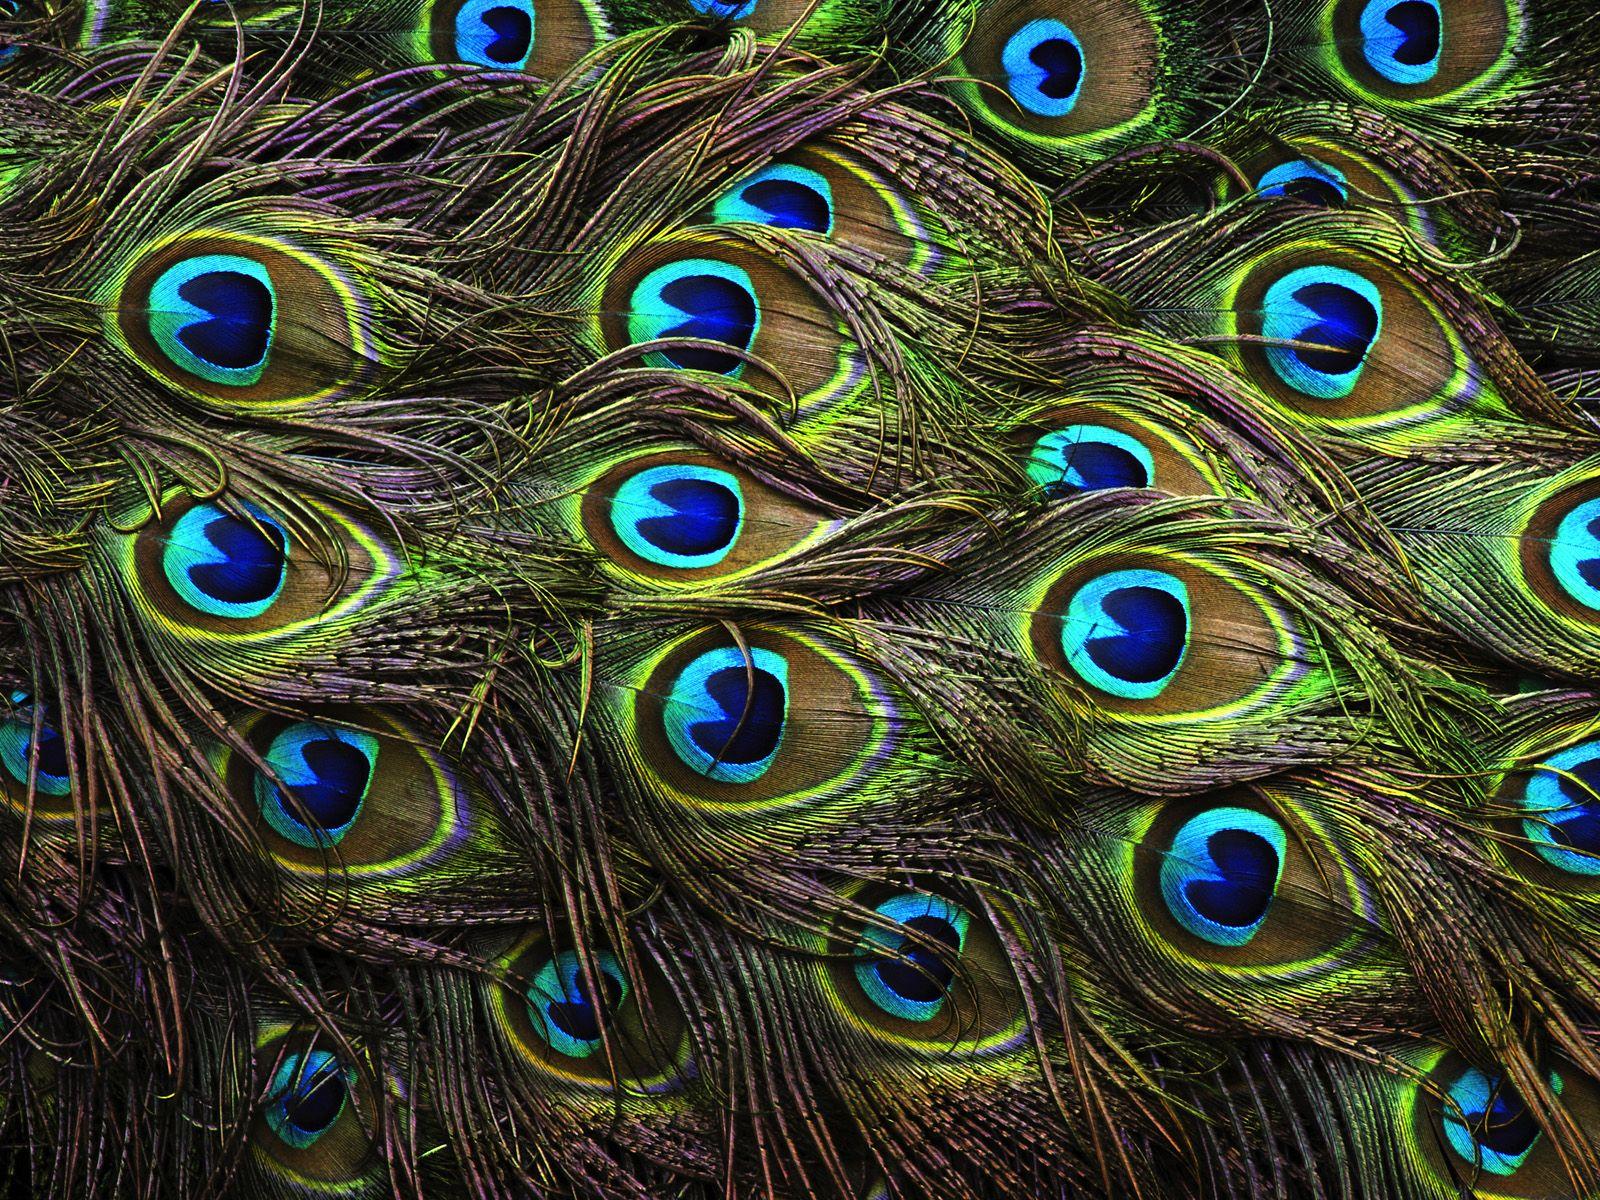 3275283 Peacock Feathers.jpg 1,600×1,200 pixels | Peacocks ...